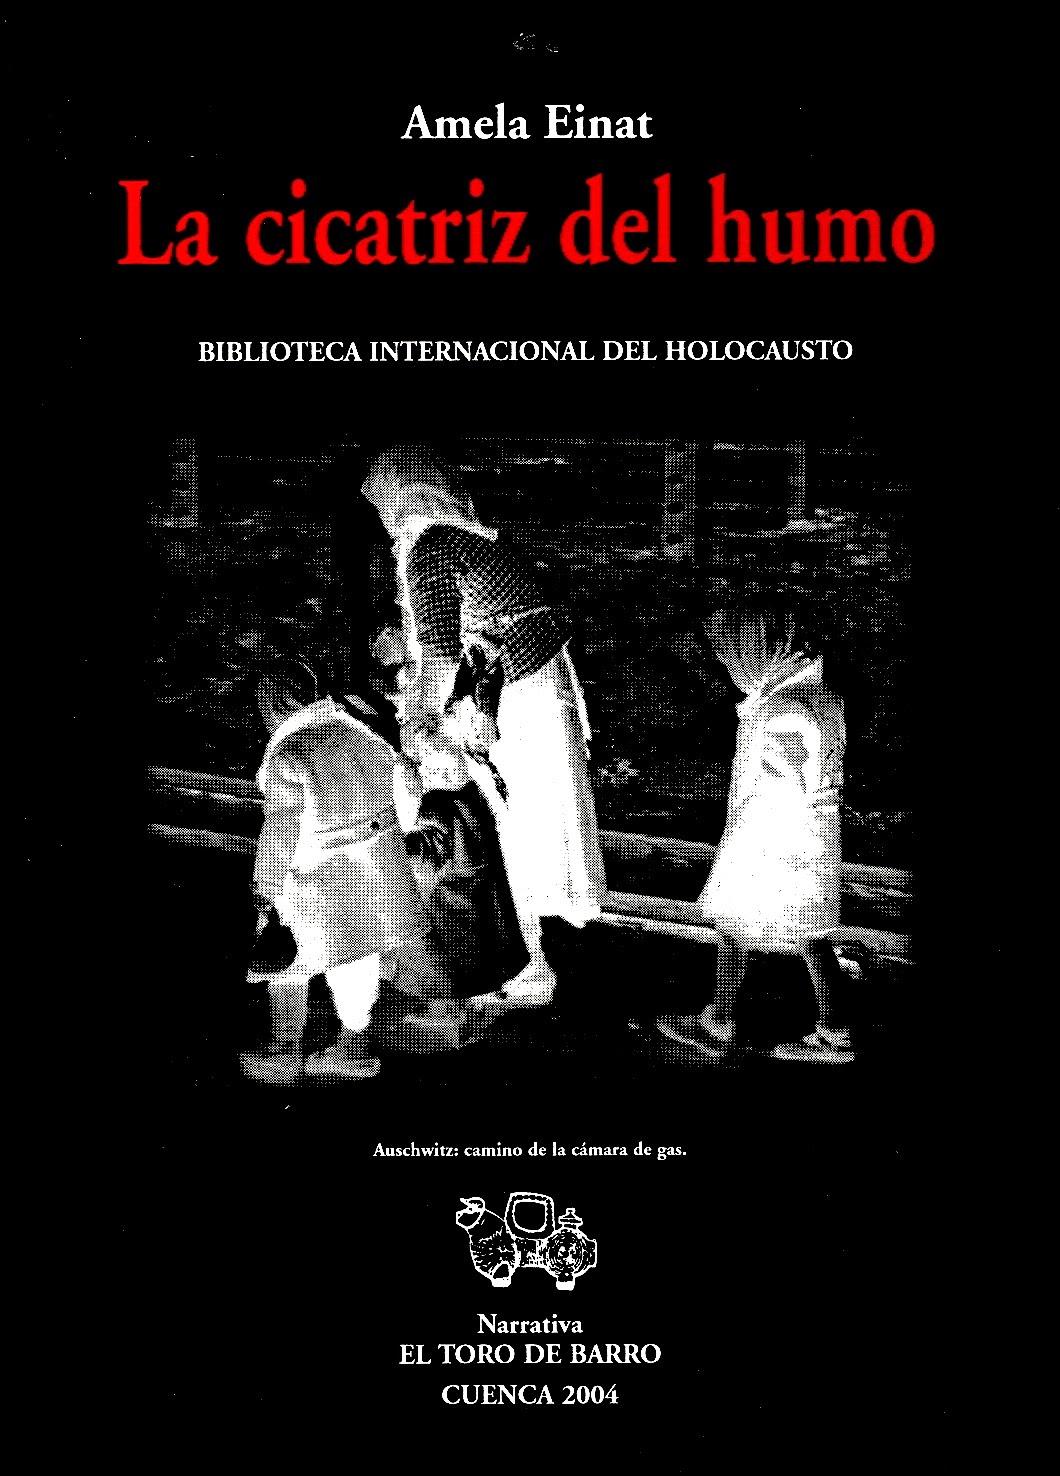 """Amela Einat, """"La cicatriz del humo"""", Col. «Biblioteca Internacional del Holocausto», Ed. El Toro de Barro, Carlos Morales Ed., Tarancón de Cuenca, 2005. PVP 10 Euros, edicioneseltorodebarro@yahoo.es"""